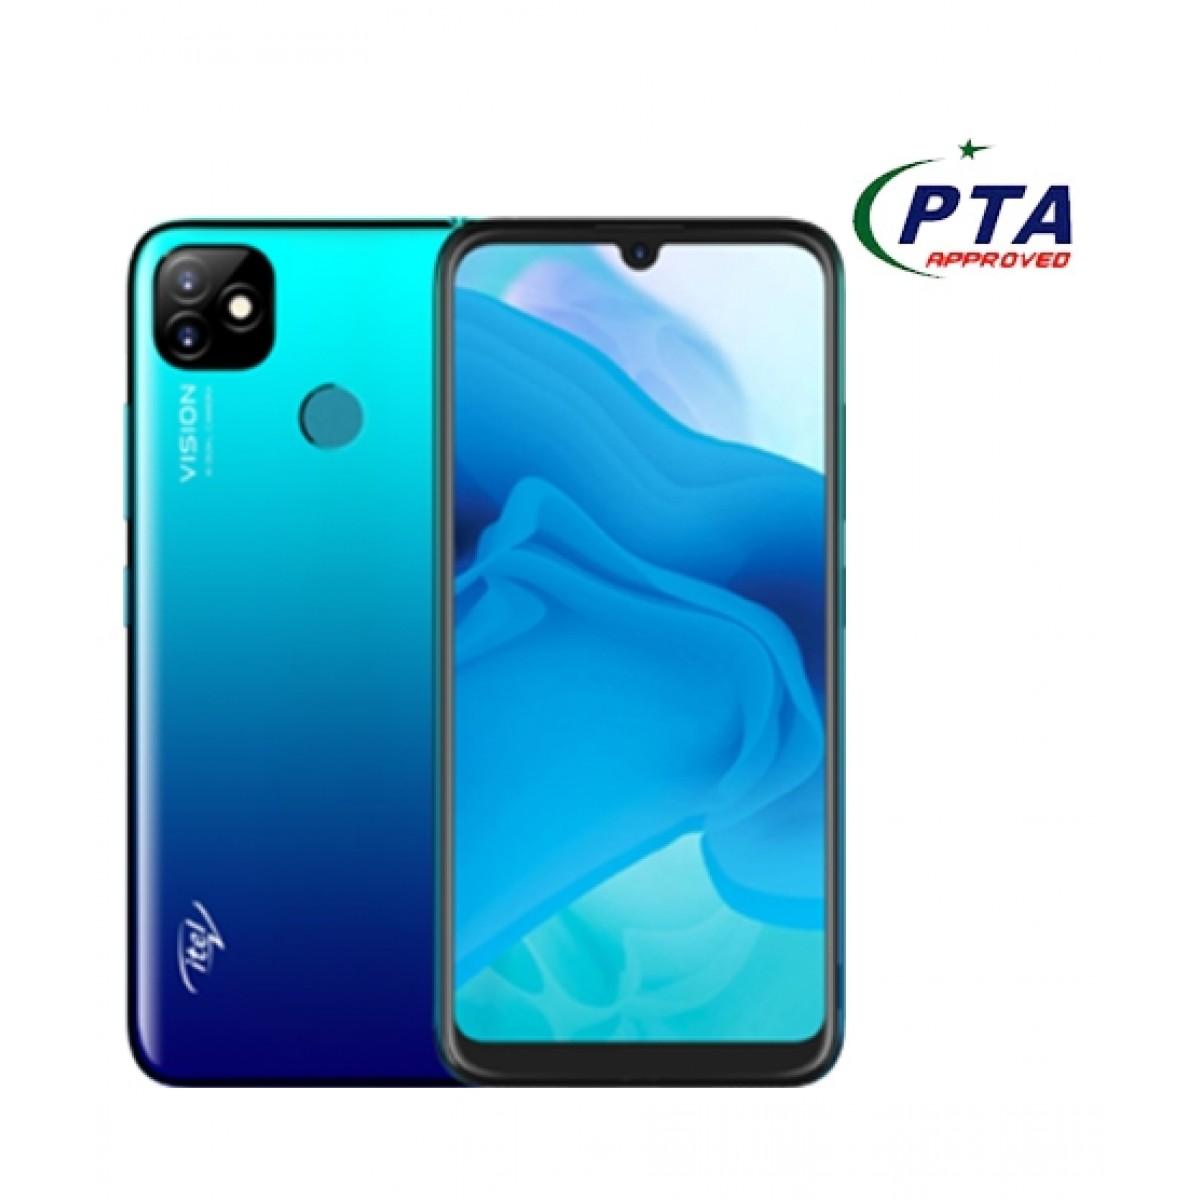 Itel Vision 1 Plus 32GB 3GB RAM Dual Sim Gradation Blue